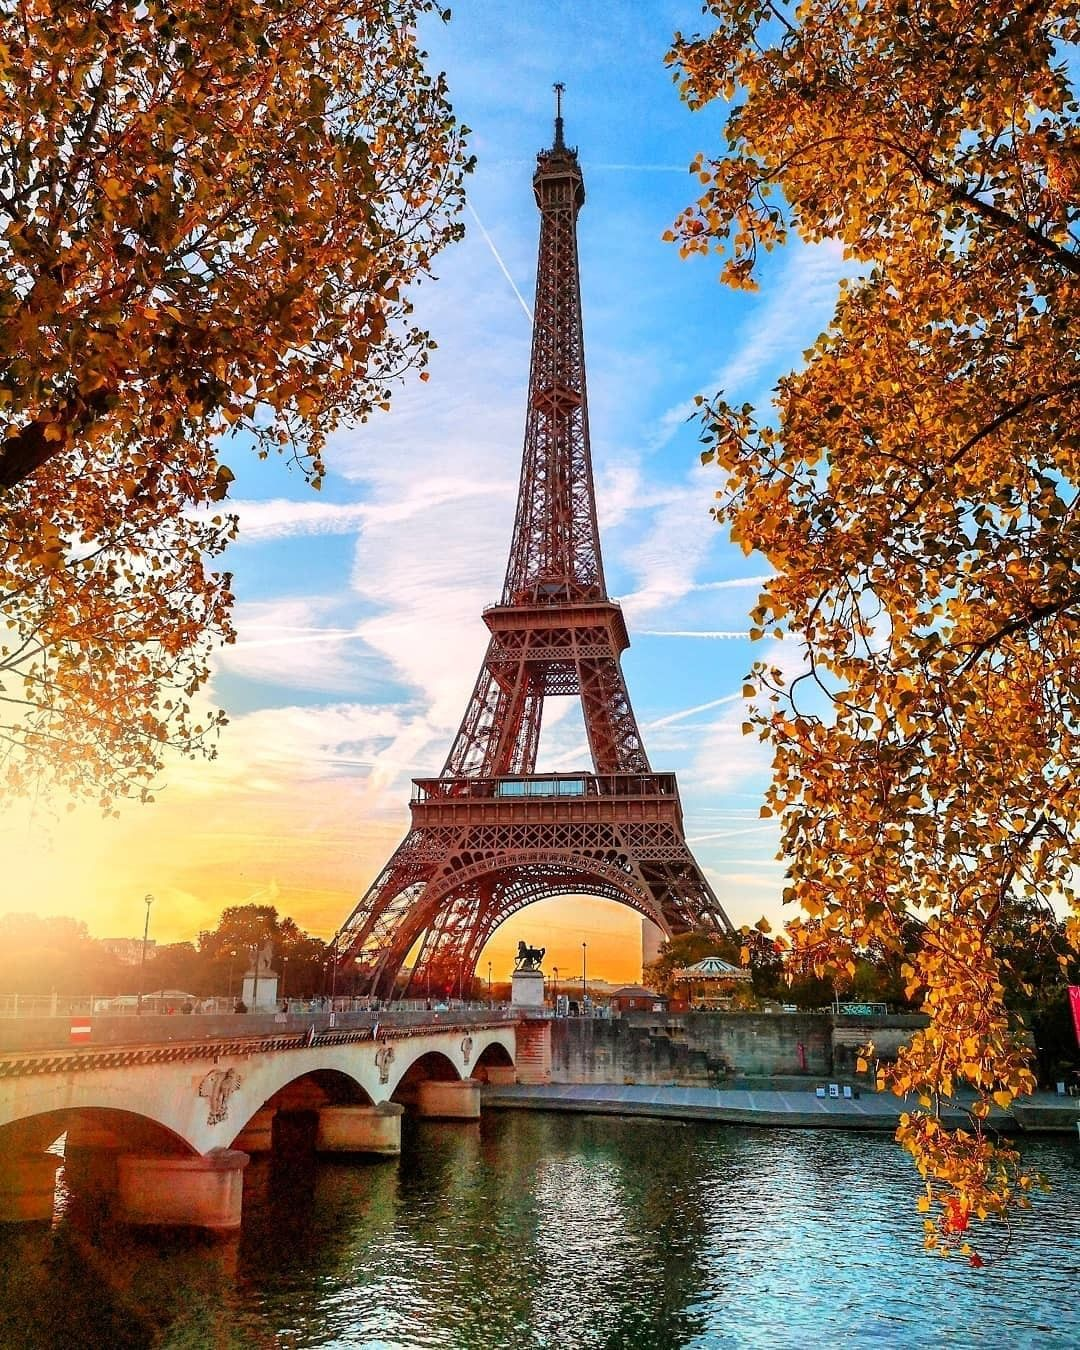 Eiffel Tower Paris France Photographie De Paysages Fond Ecran Paris Photographie Street Art